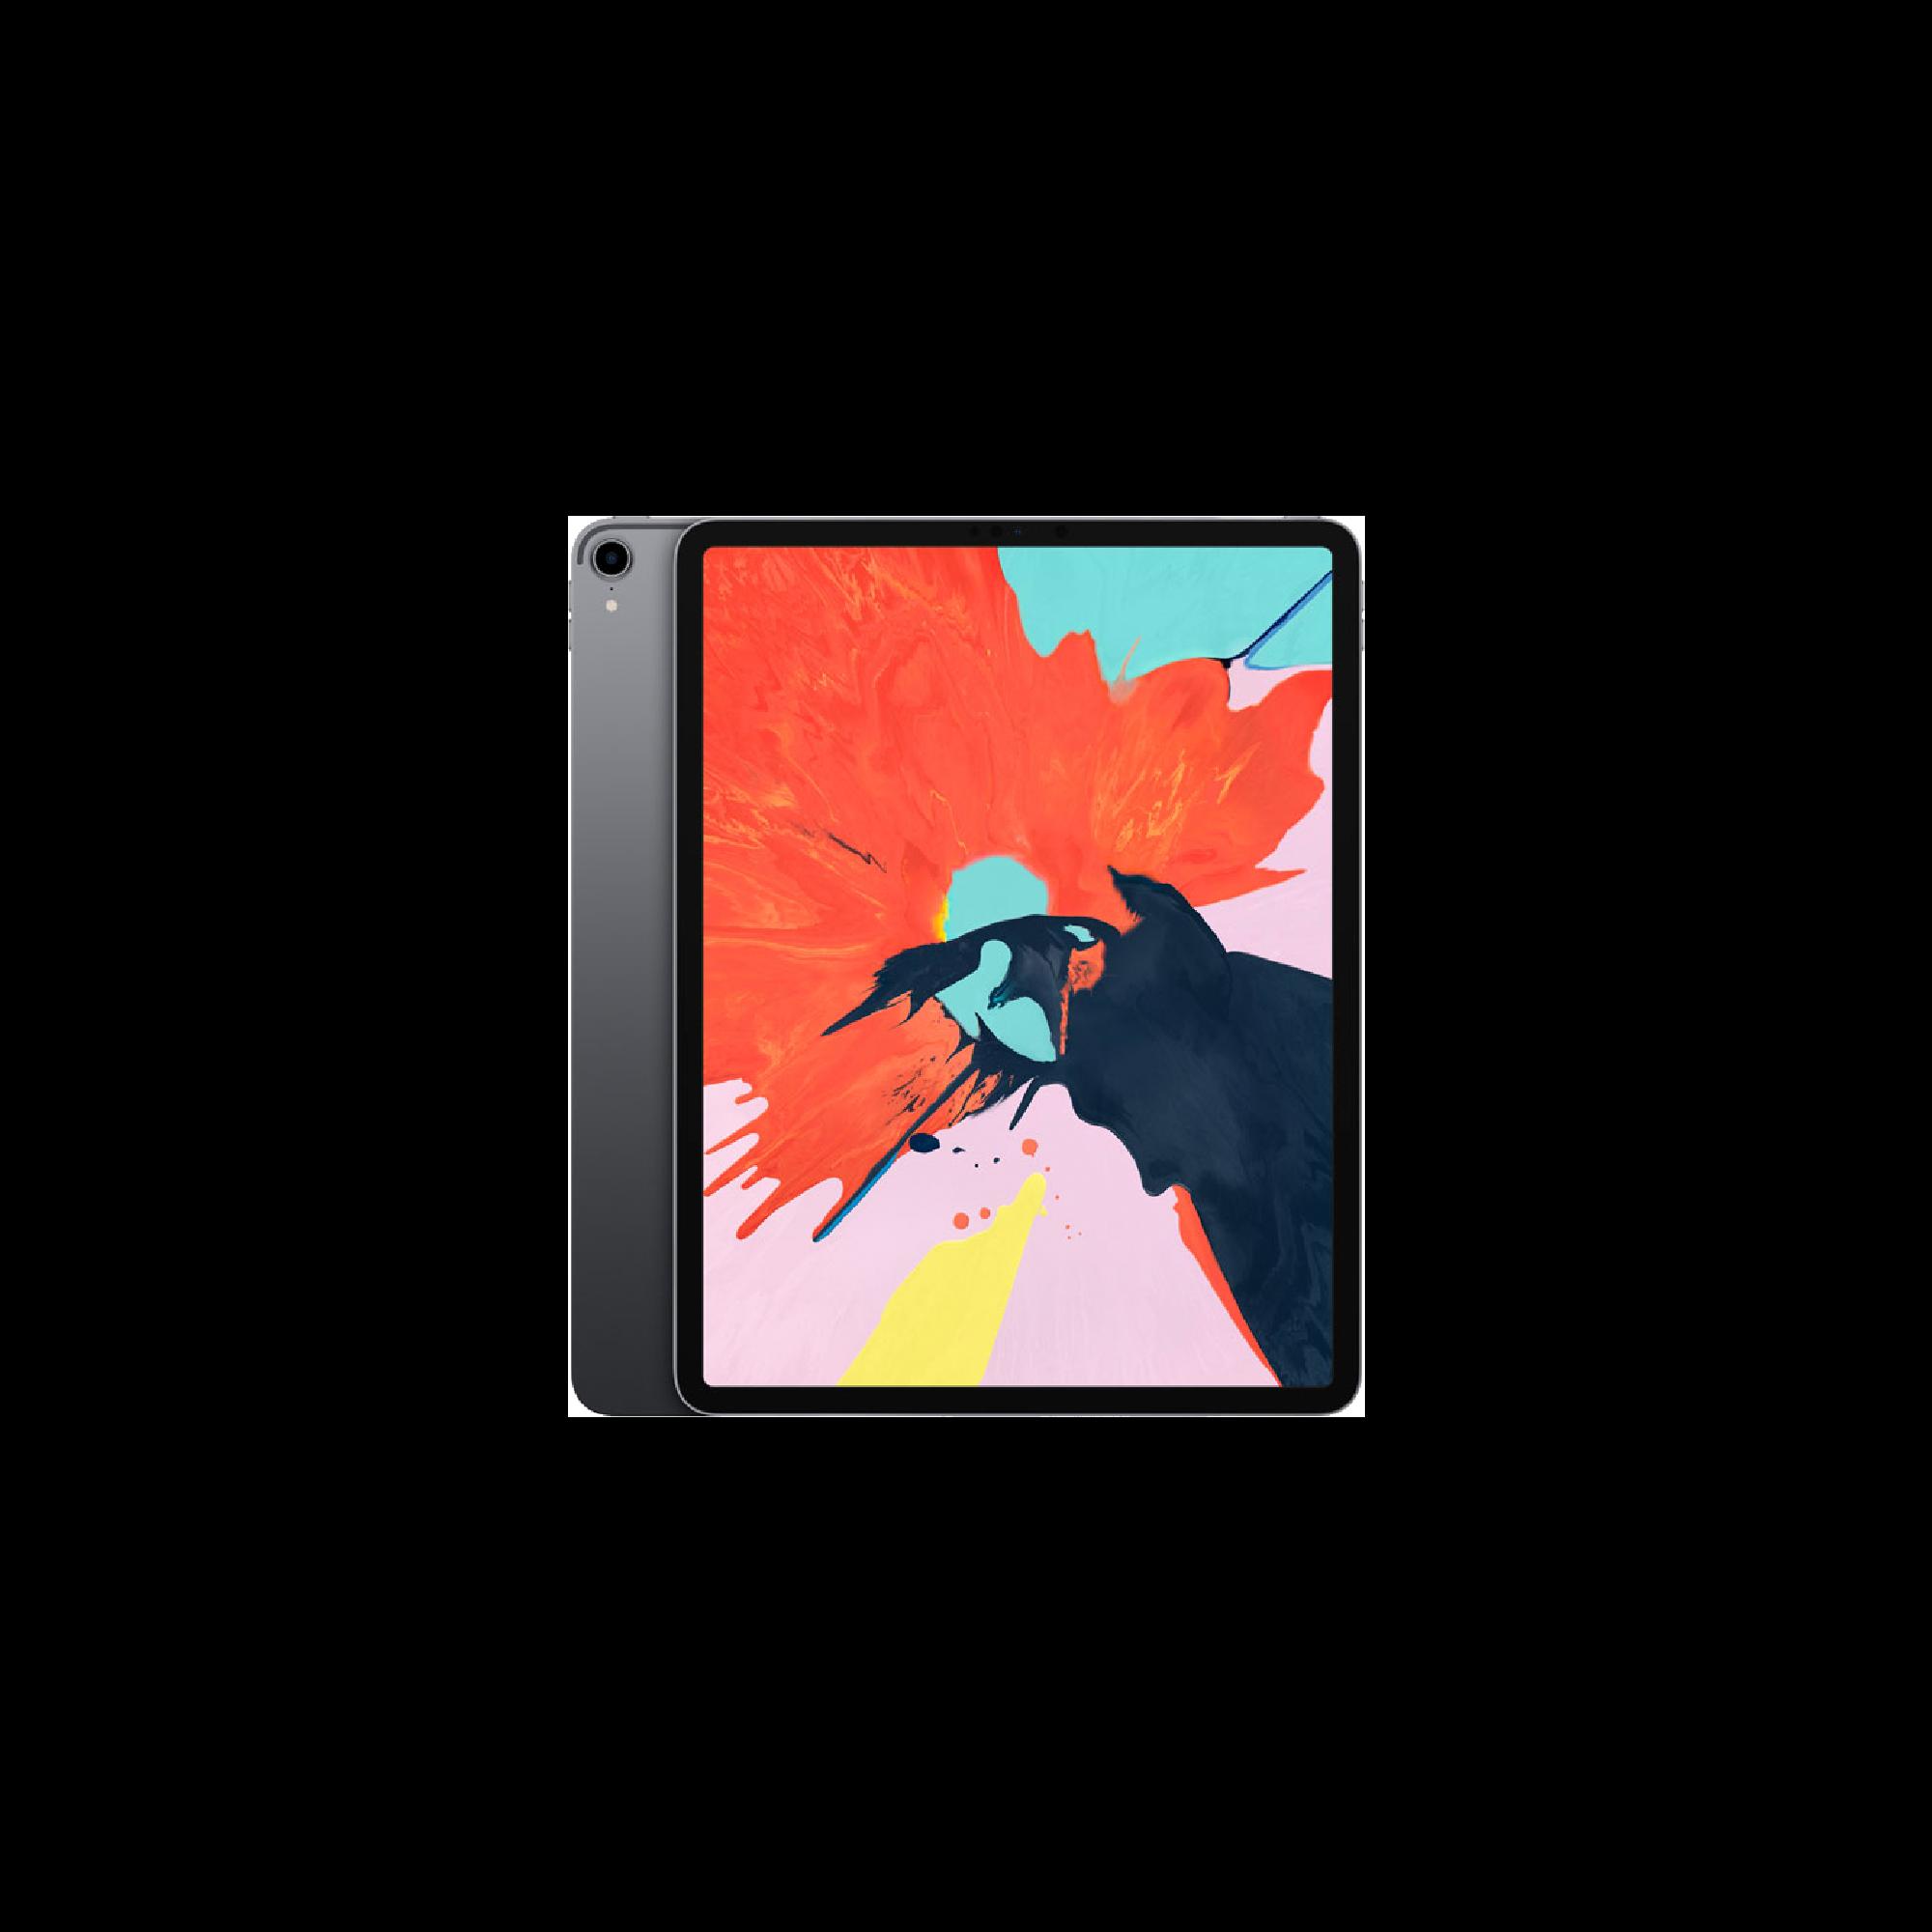 iPad Pro 12.9 | $580 + tax